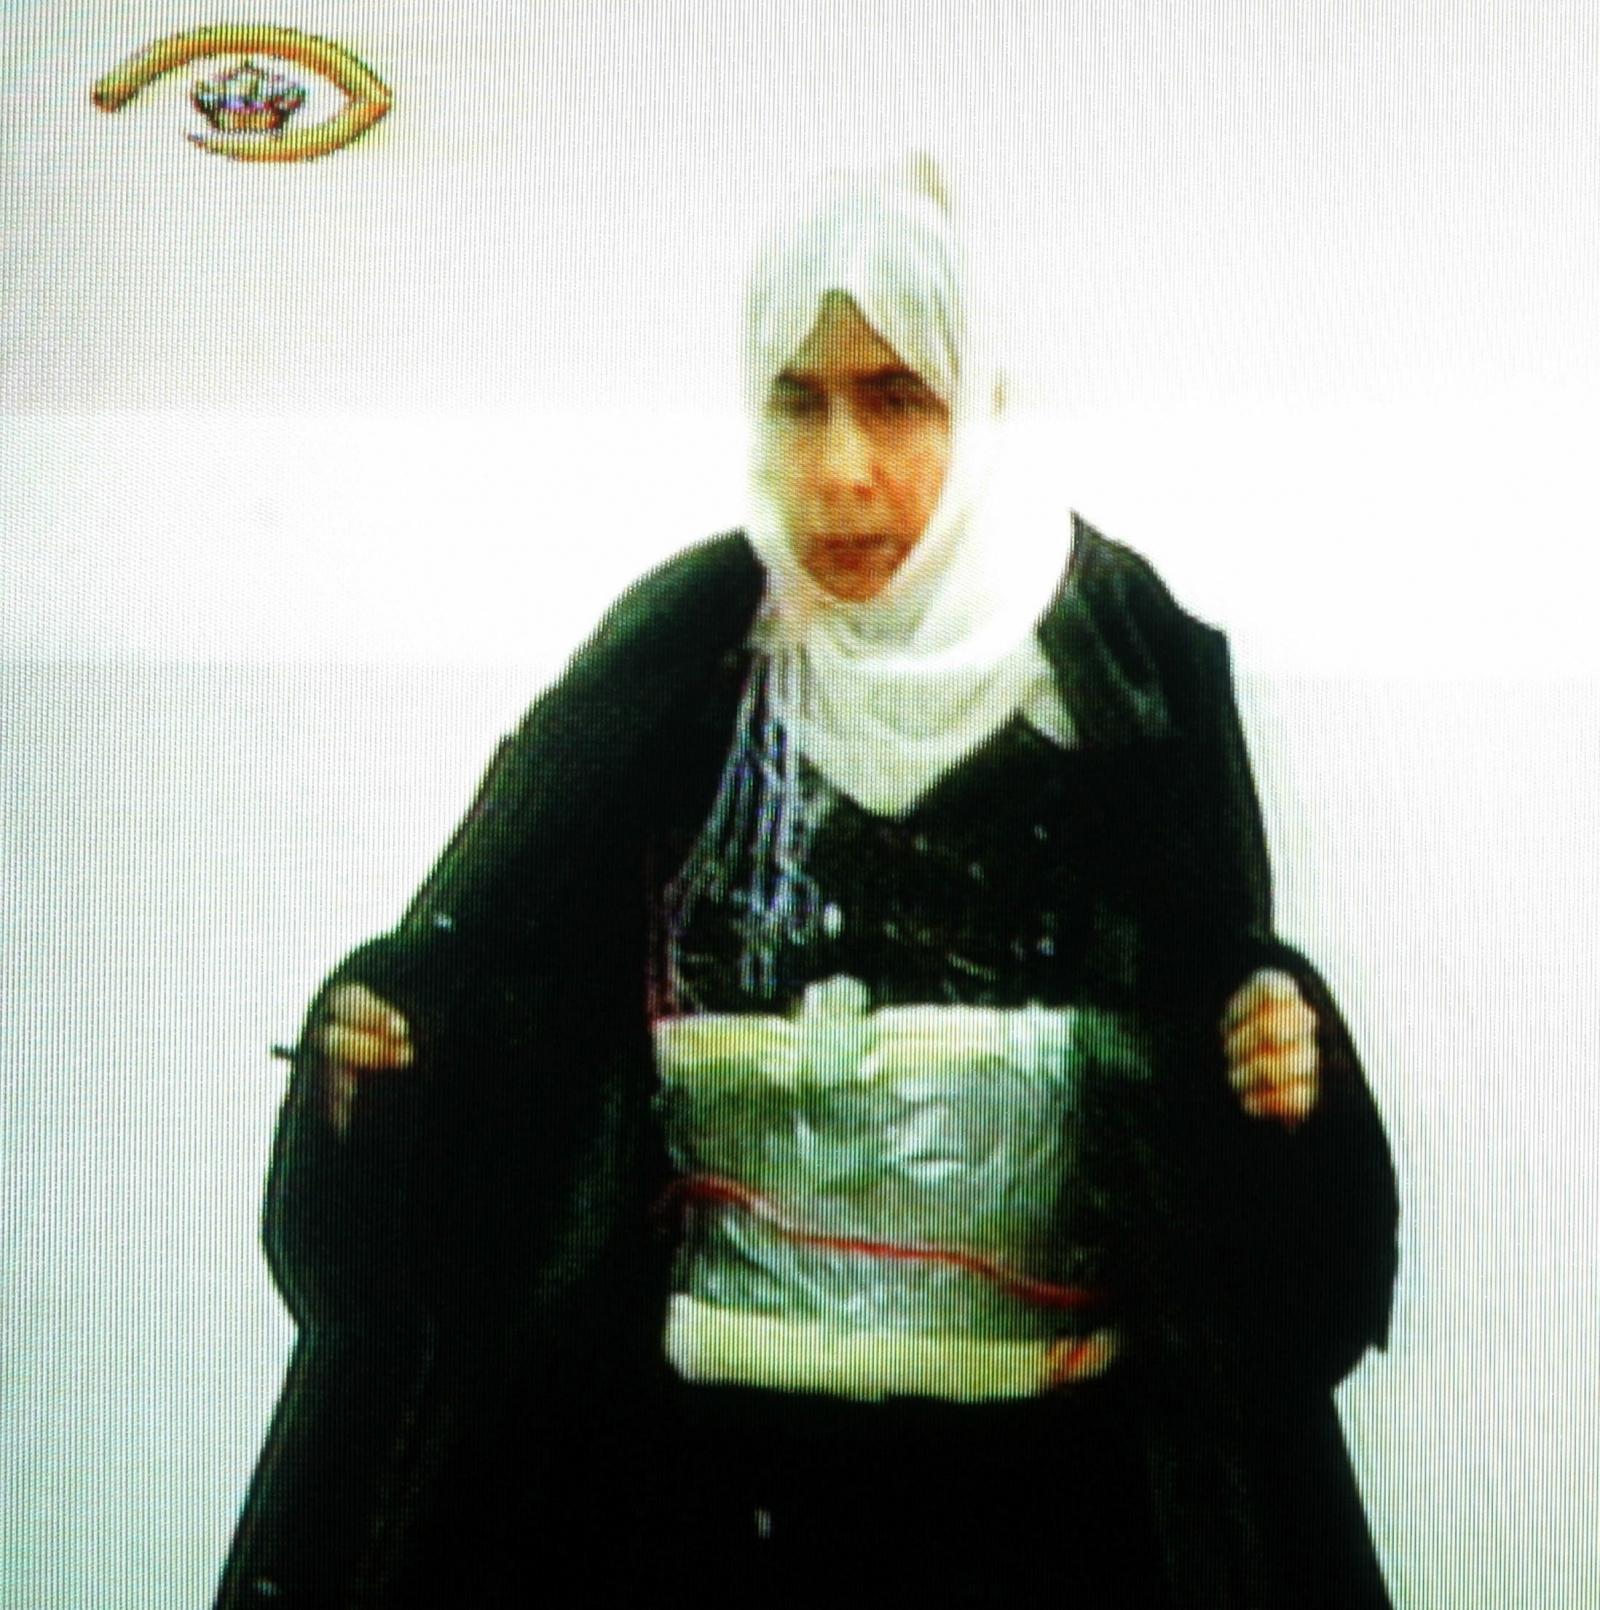 Sajida al-Rishawi